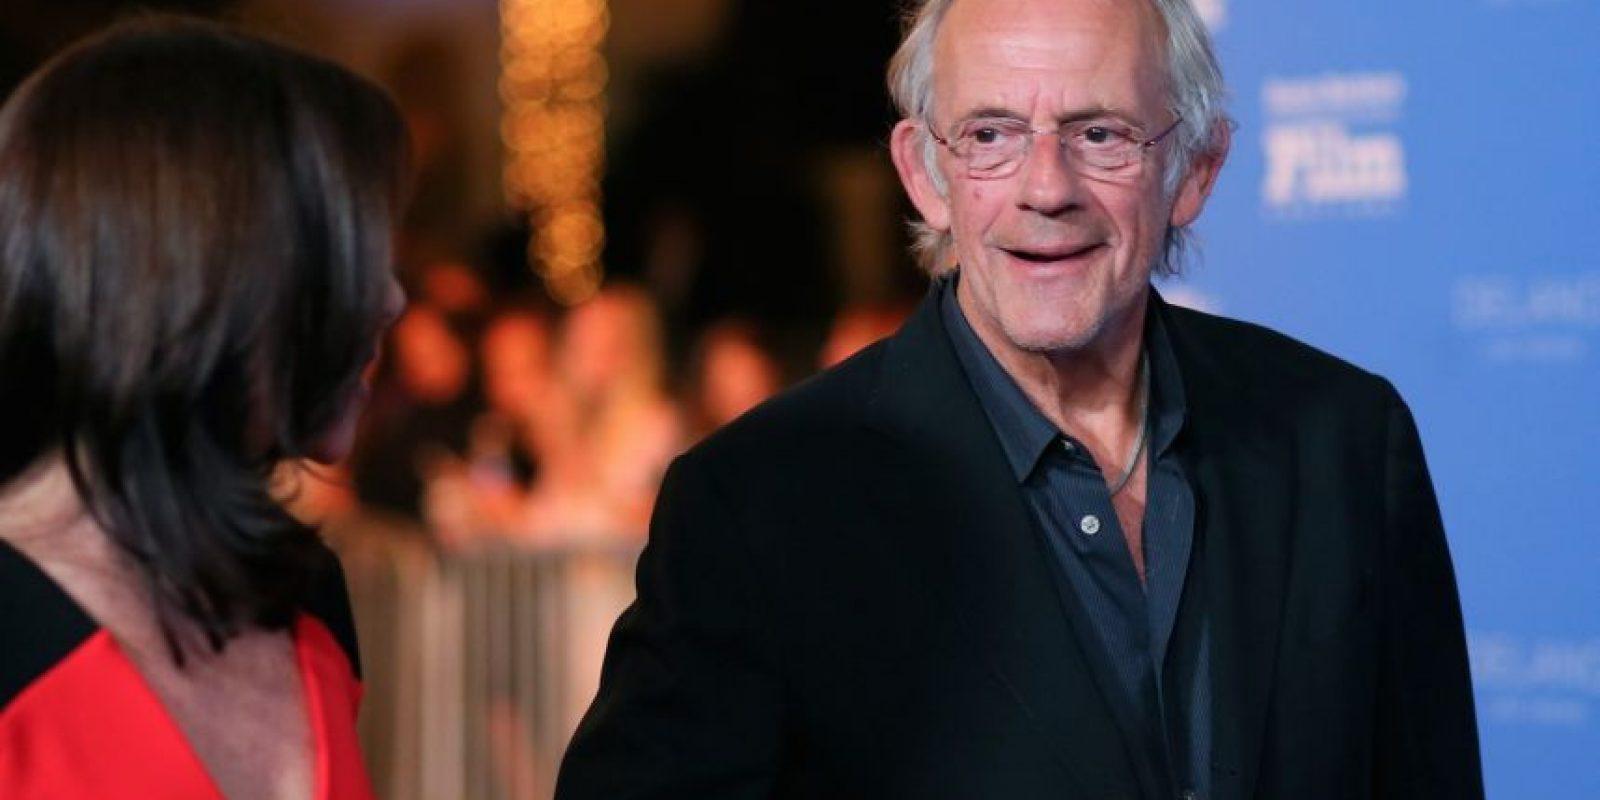 """Ahora el actor tiene 76 años y es mejor conocido como el """"Dr. Emmet Brown"""" de la trilogía """"Volver al Futuro"""". Foto:Getty Images"""